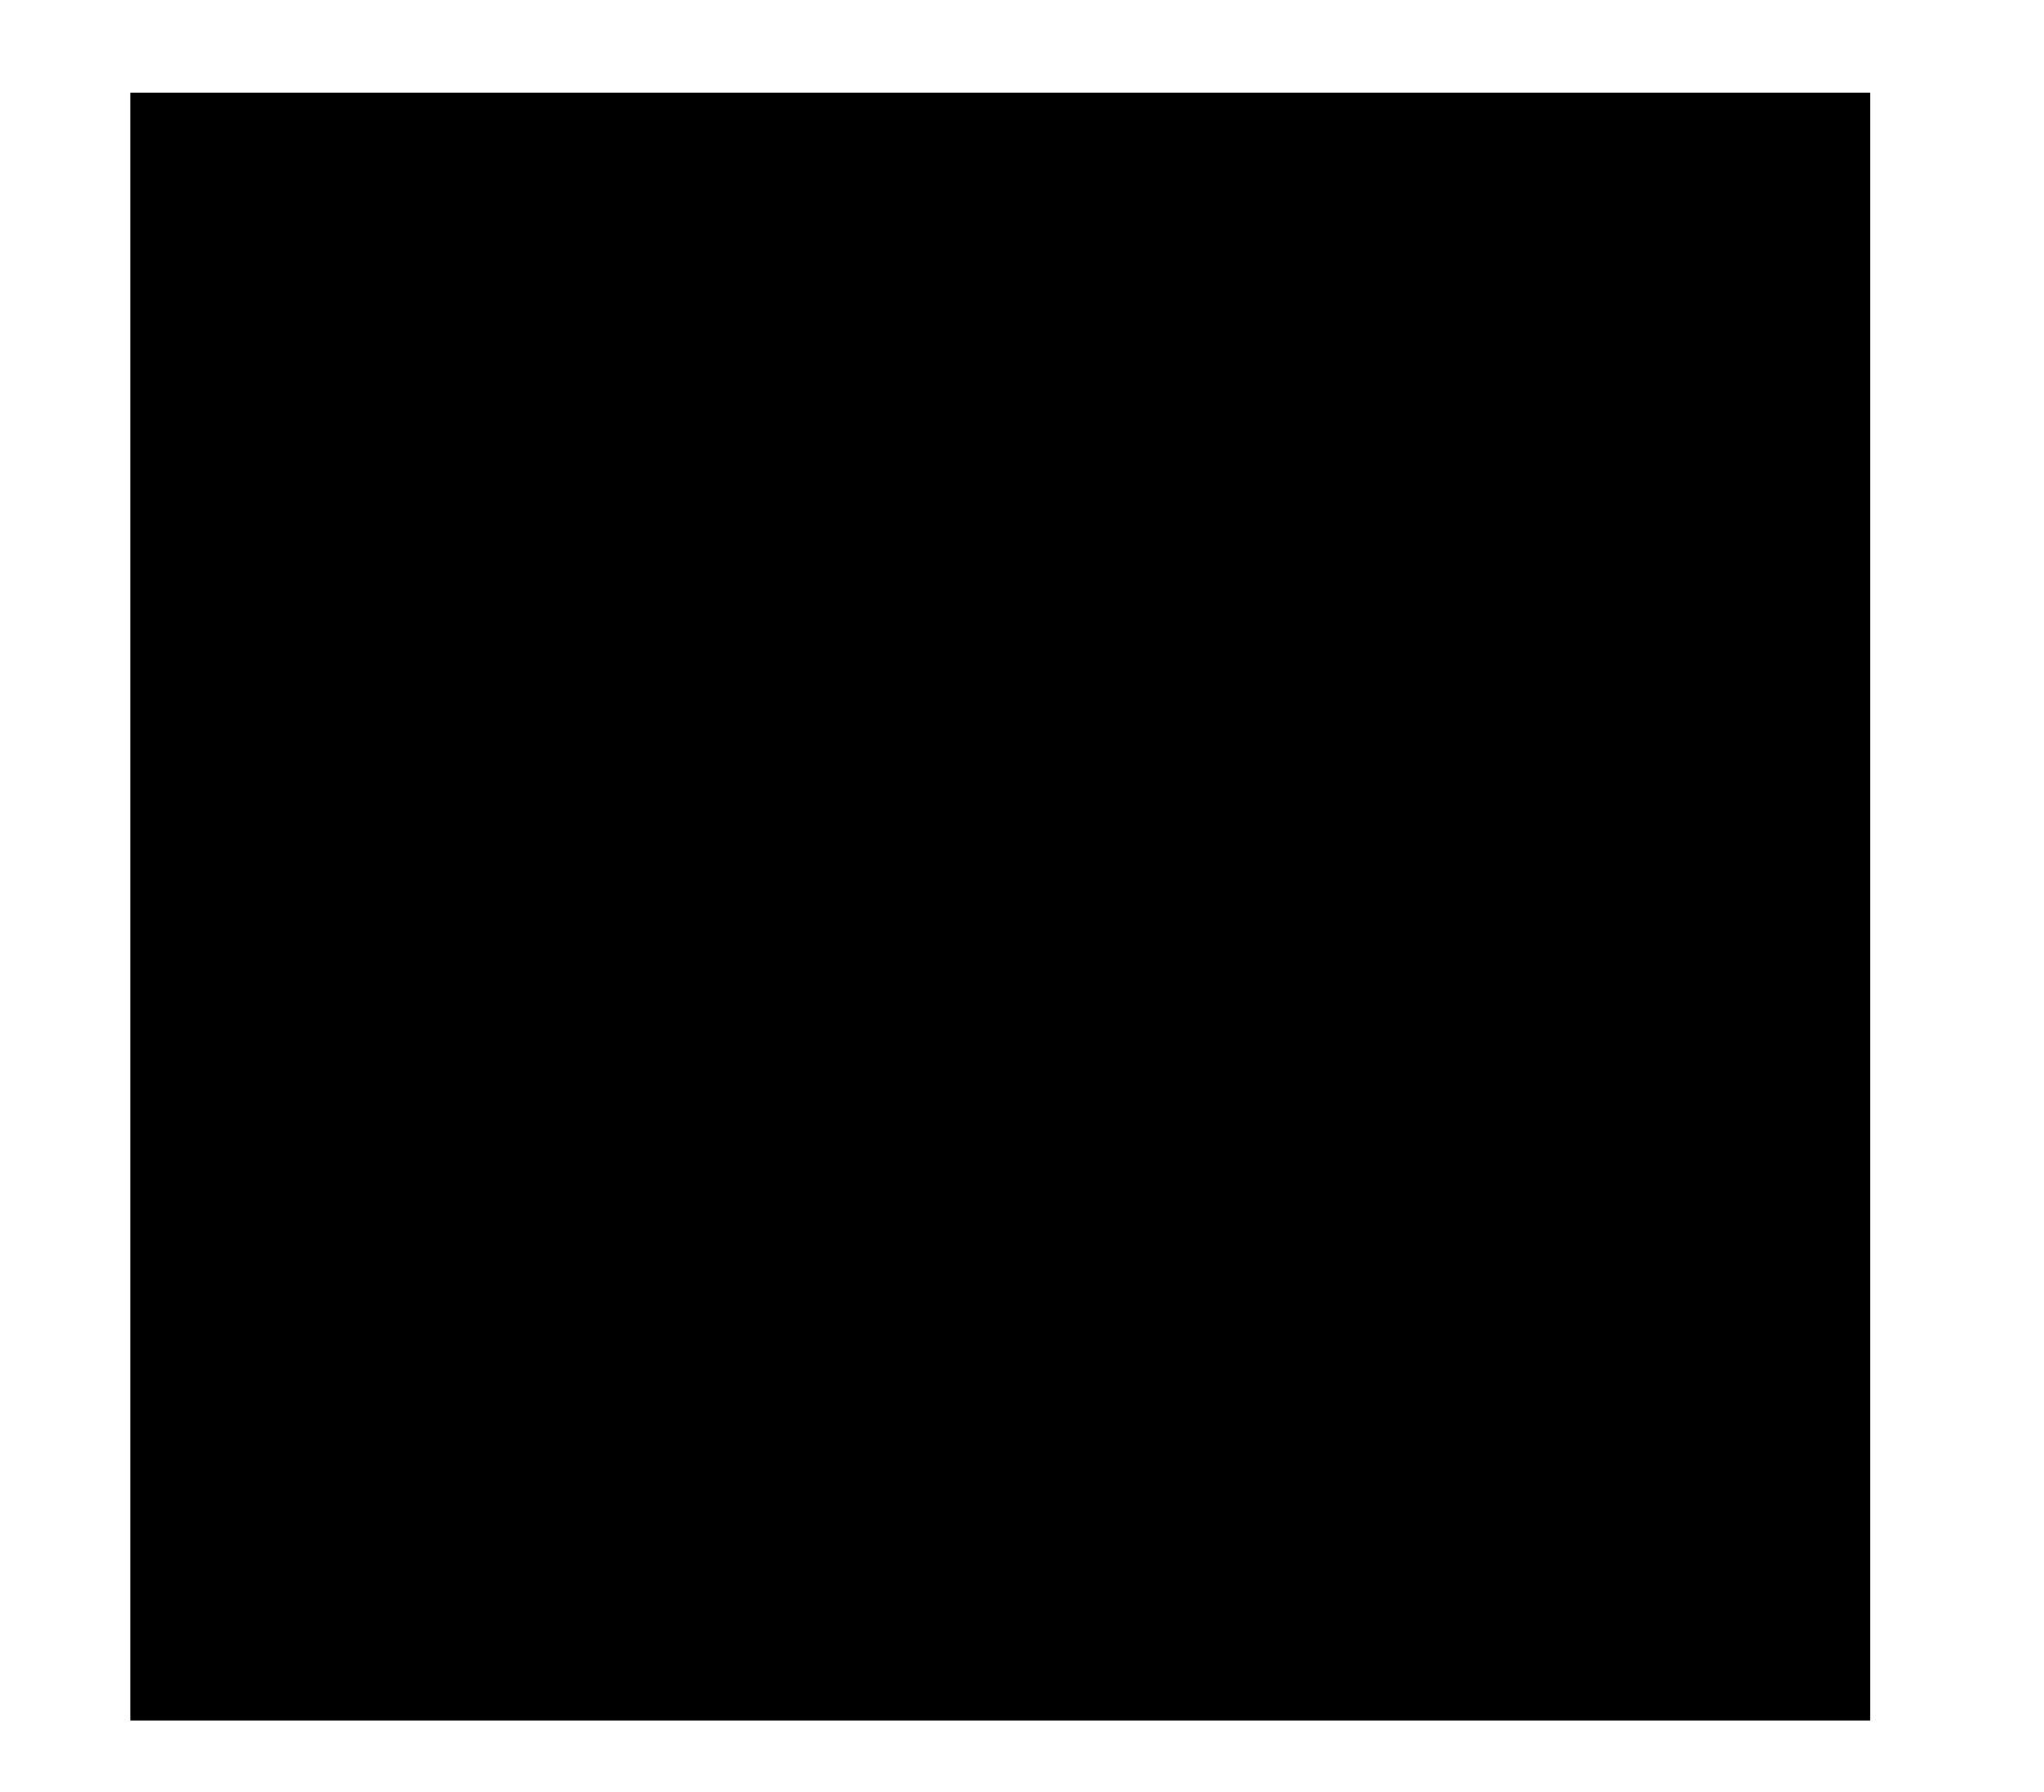 isometrie2